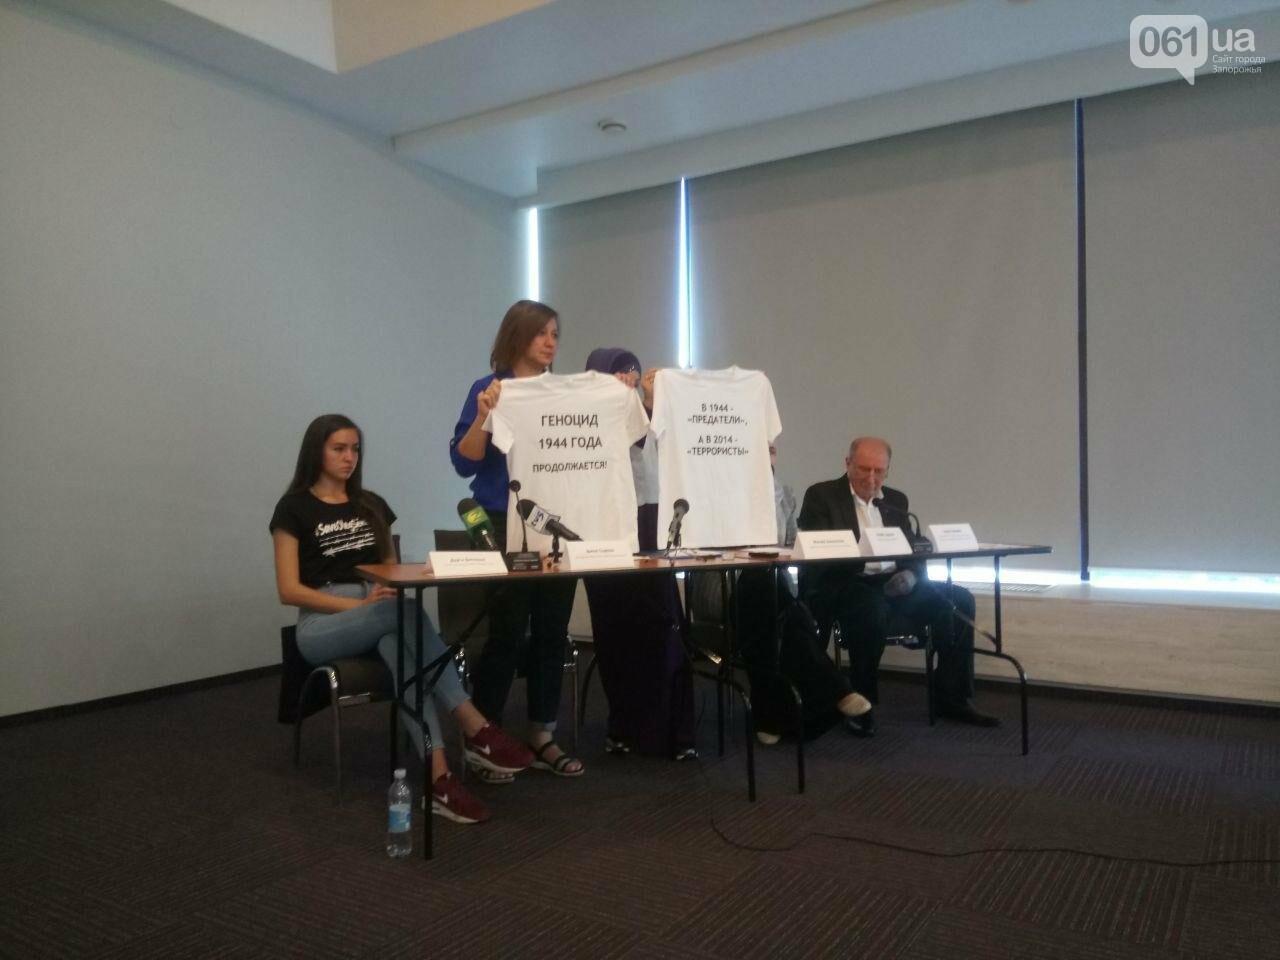 В Запорожье крымские татары и активисты рассказали о преследованиях на оккупированном полуострове, фото-1